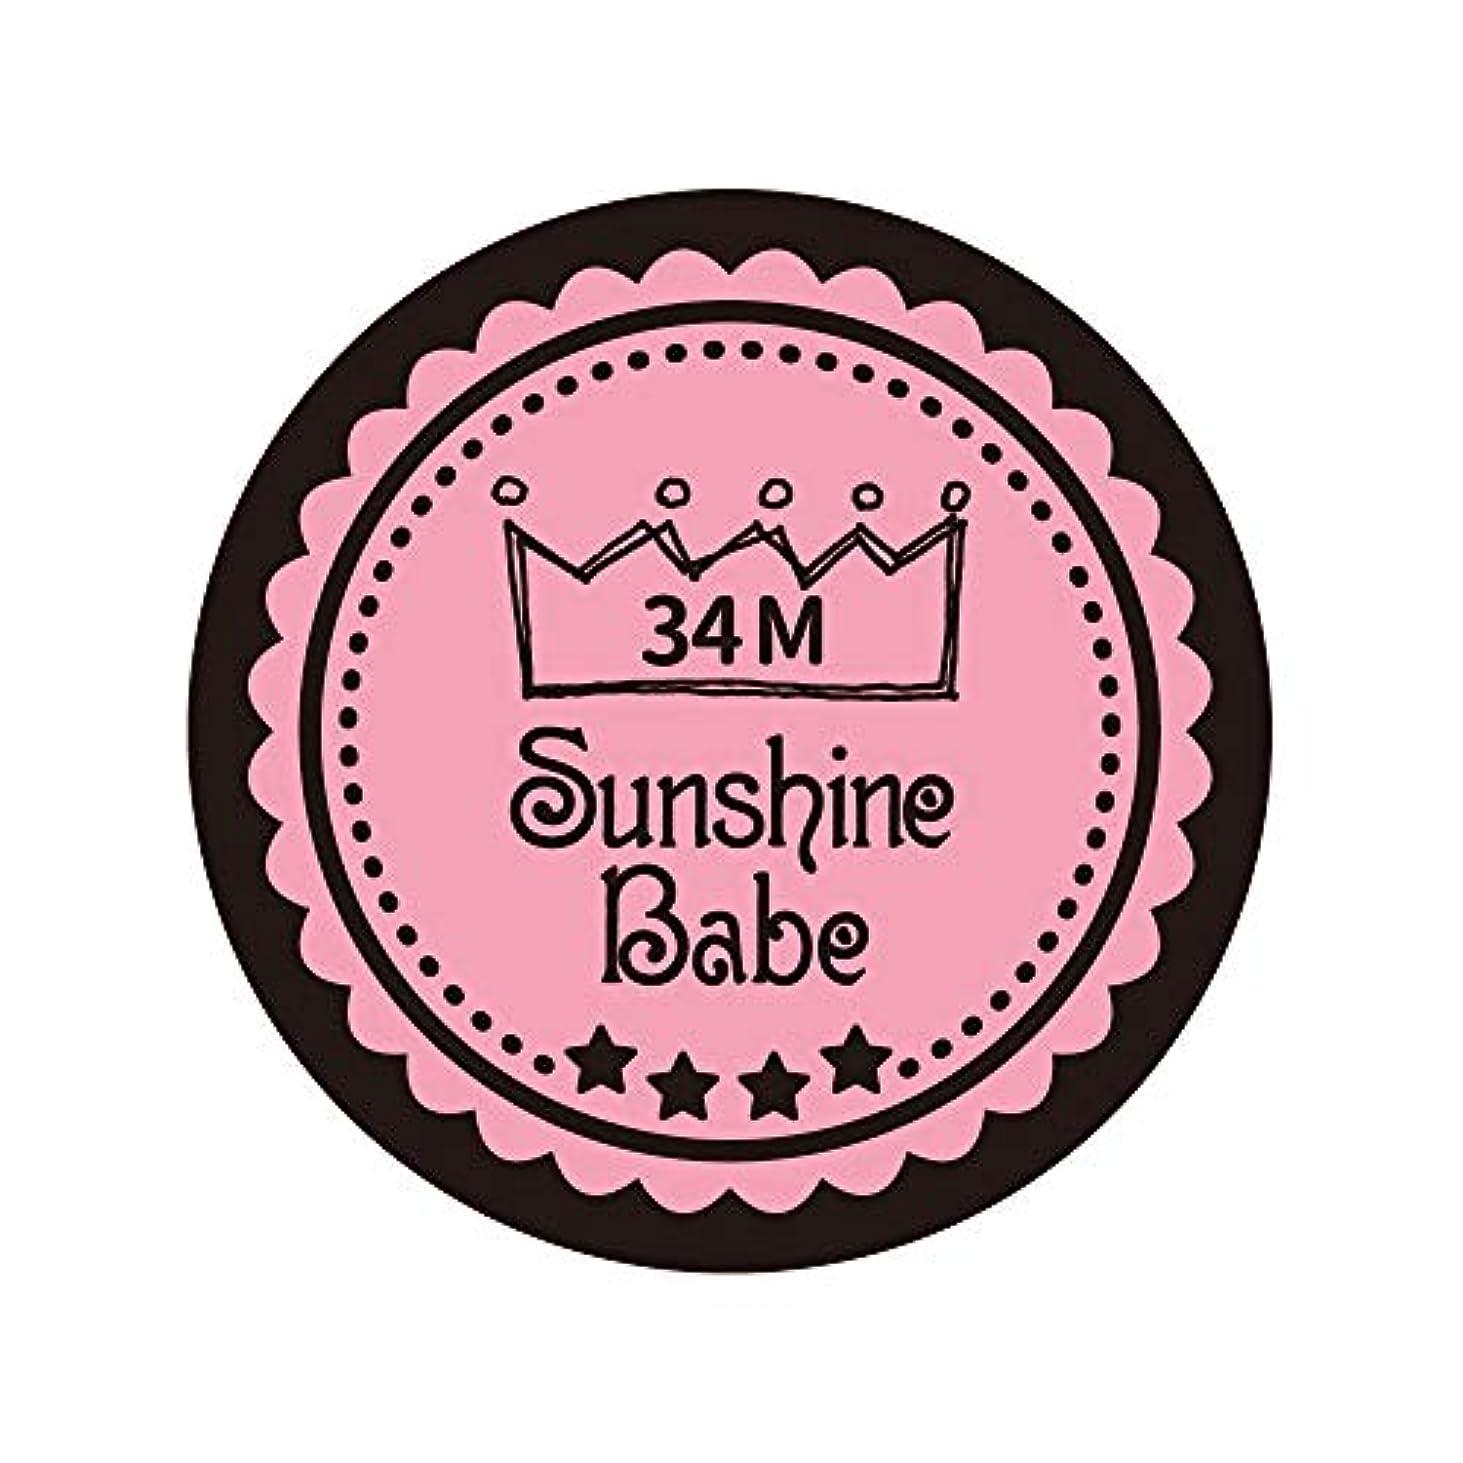 集中的な留め金ガイダンスSunshine Babe カラージェル 34M メロウローズ 4g UV/LED対応